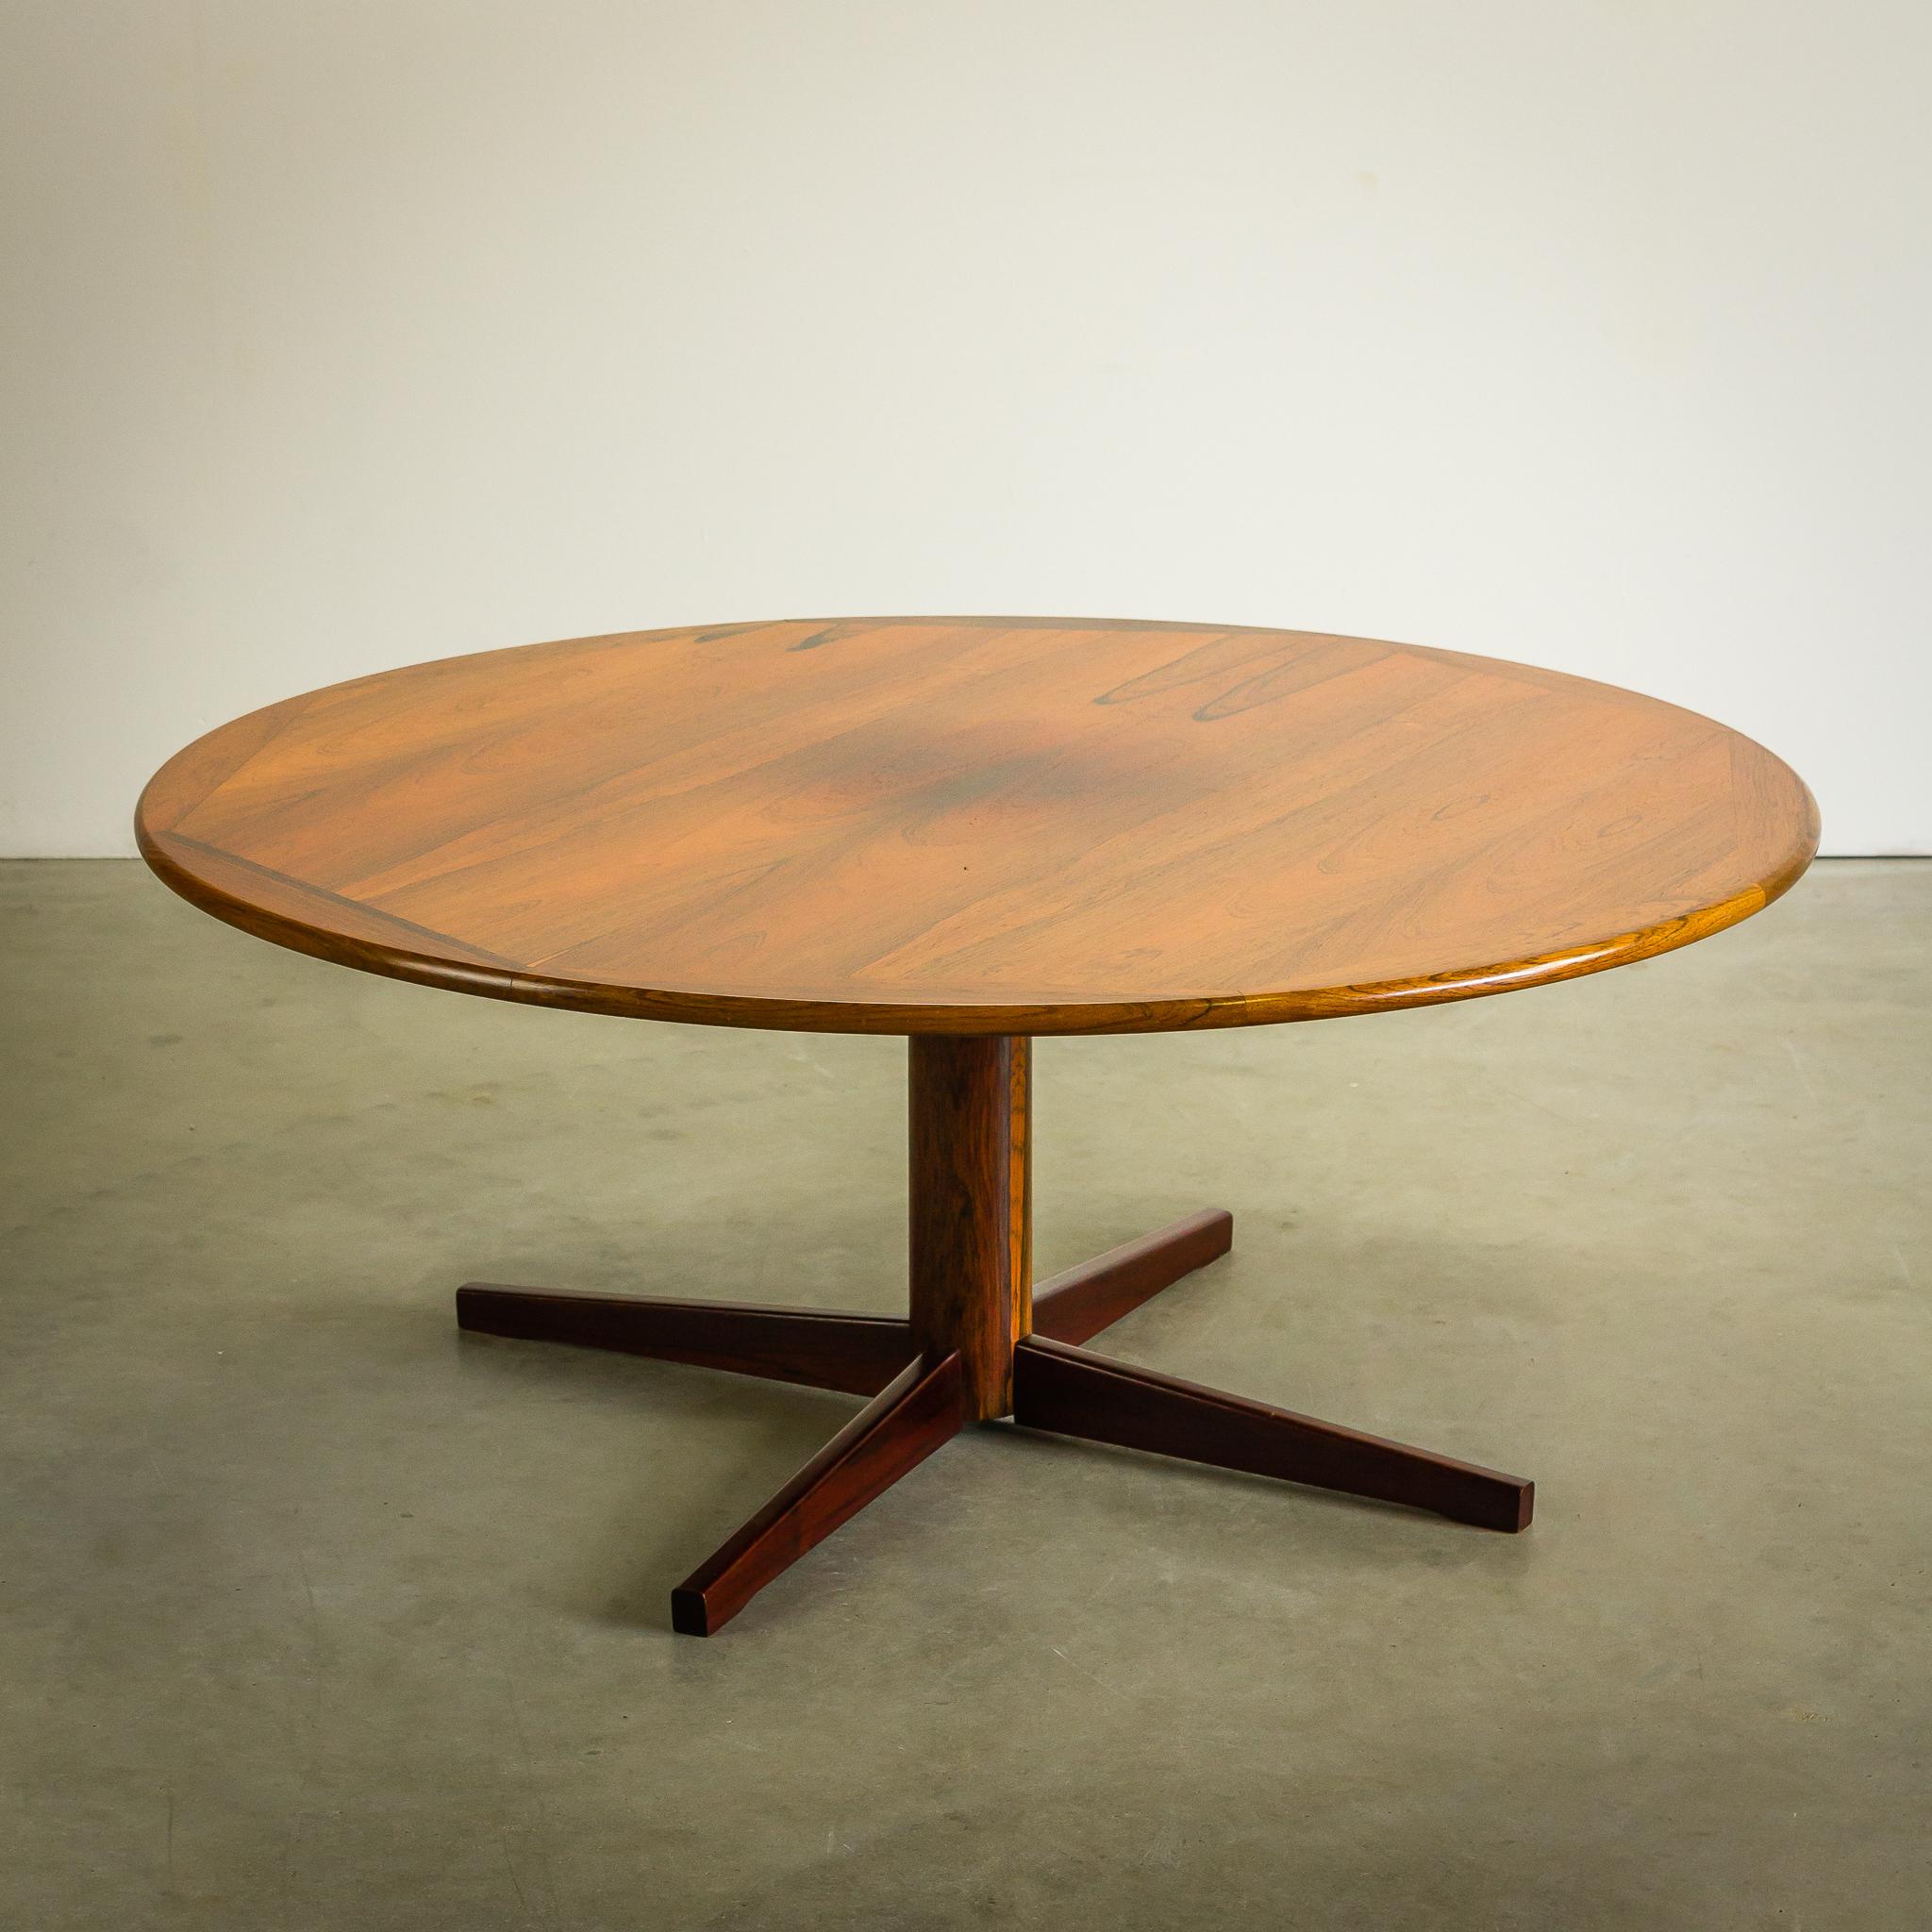 Verwonderend 60's massief Palissander salontafel rond – BarbMama VX-37